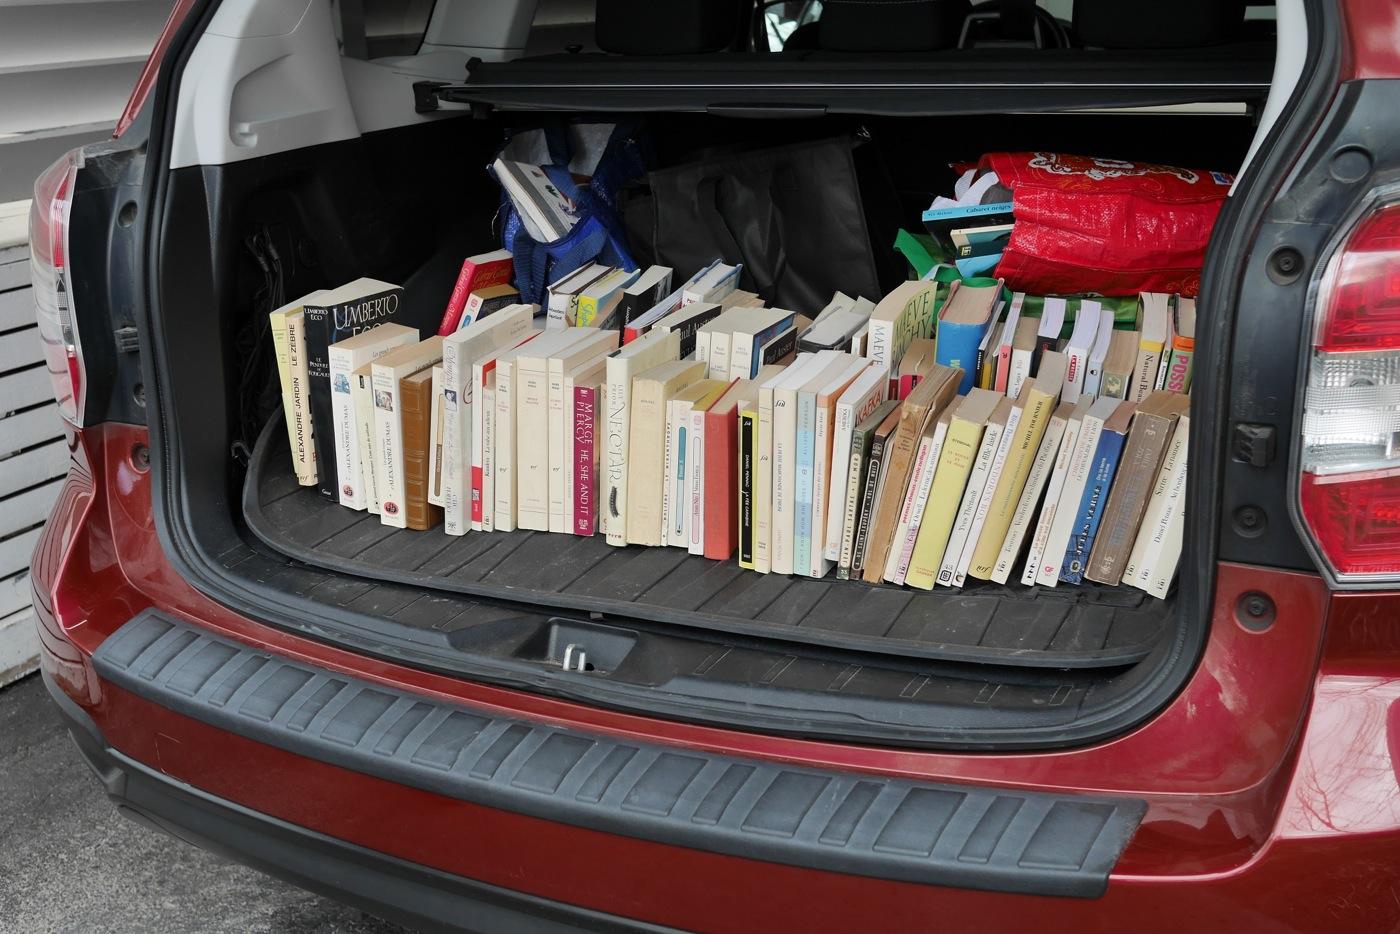 Livres retrouvés